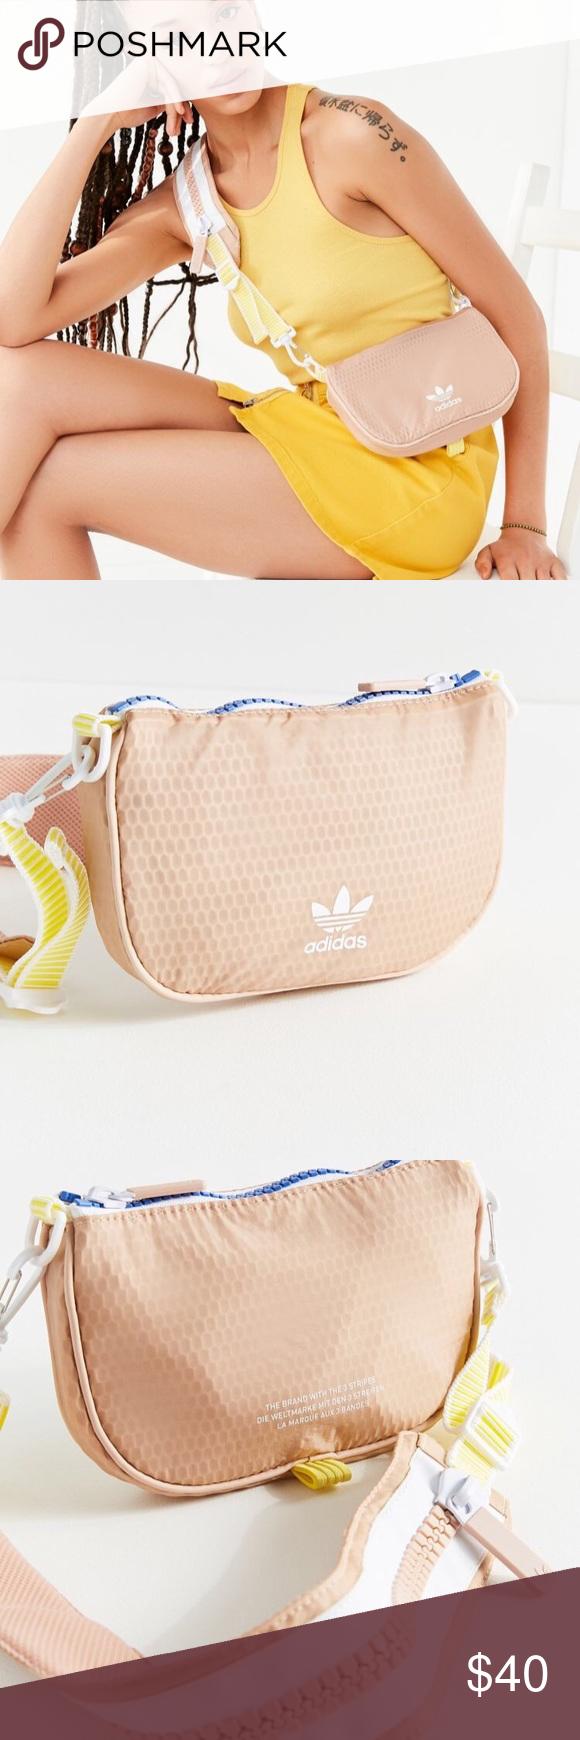 2f329e839ada Adidas Messenger Pouch bag Authentic. No trades. adidas Bags Crossbody Bags